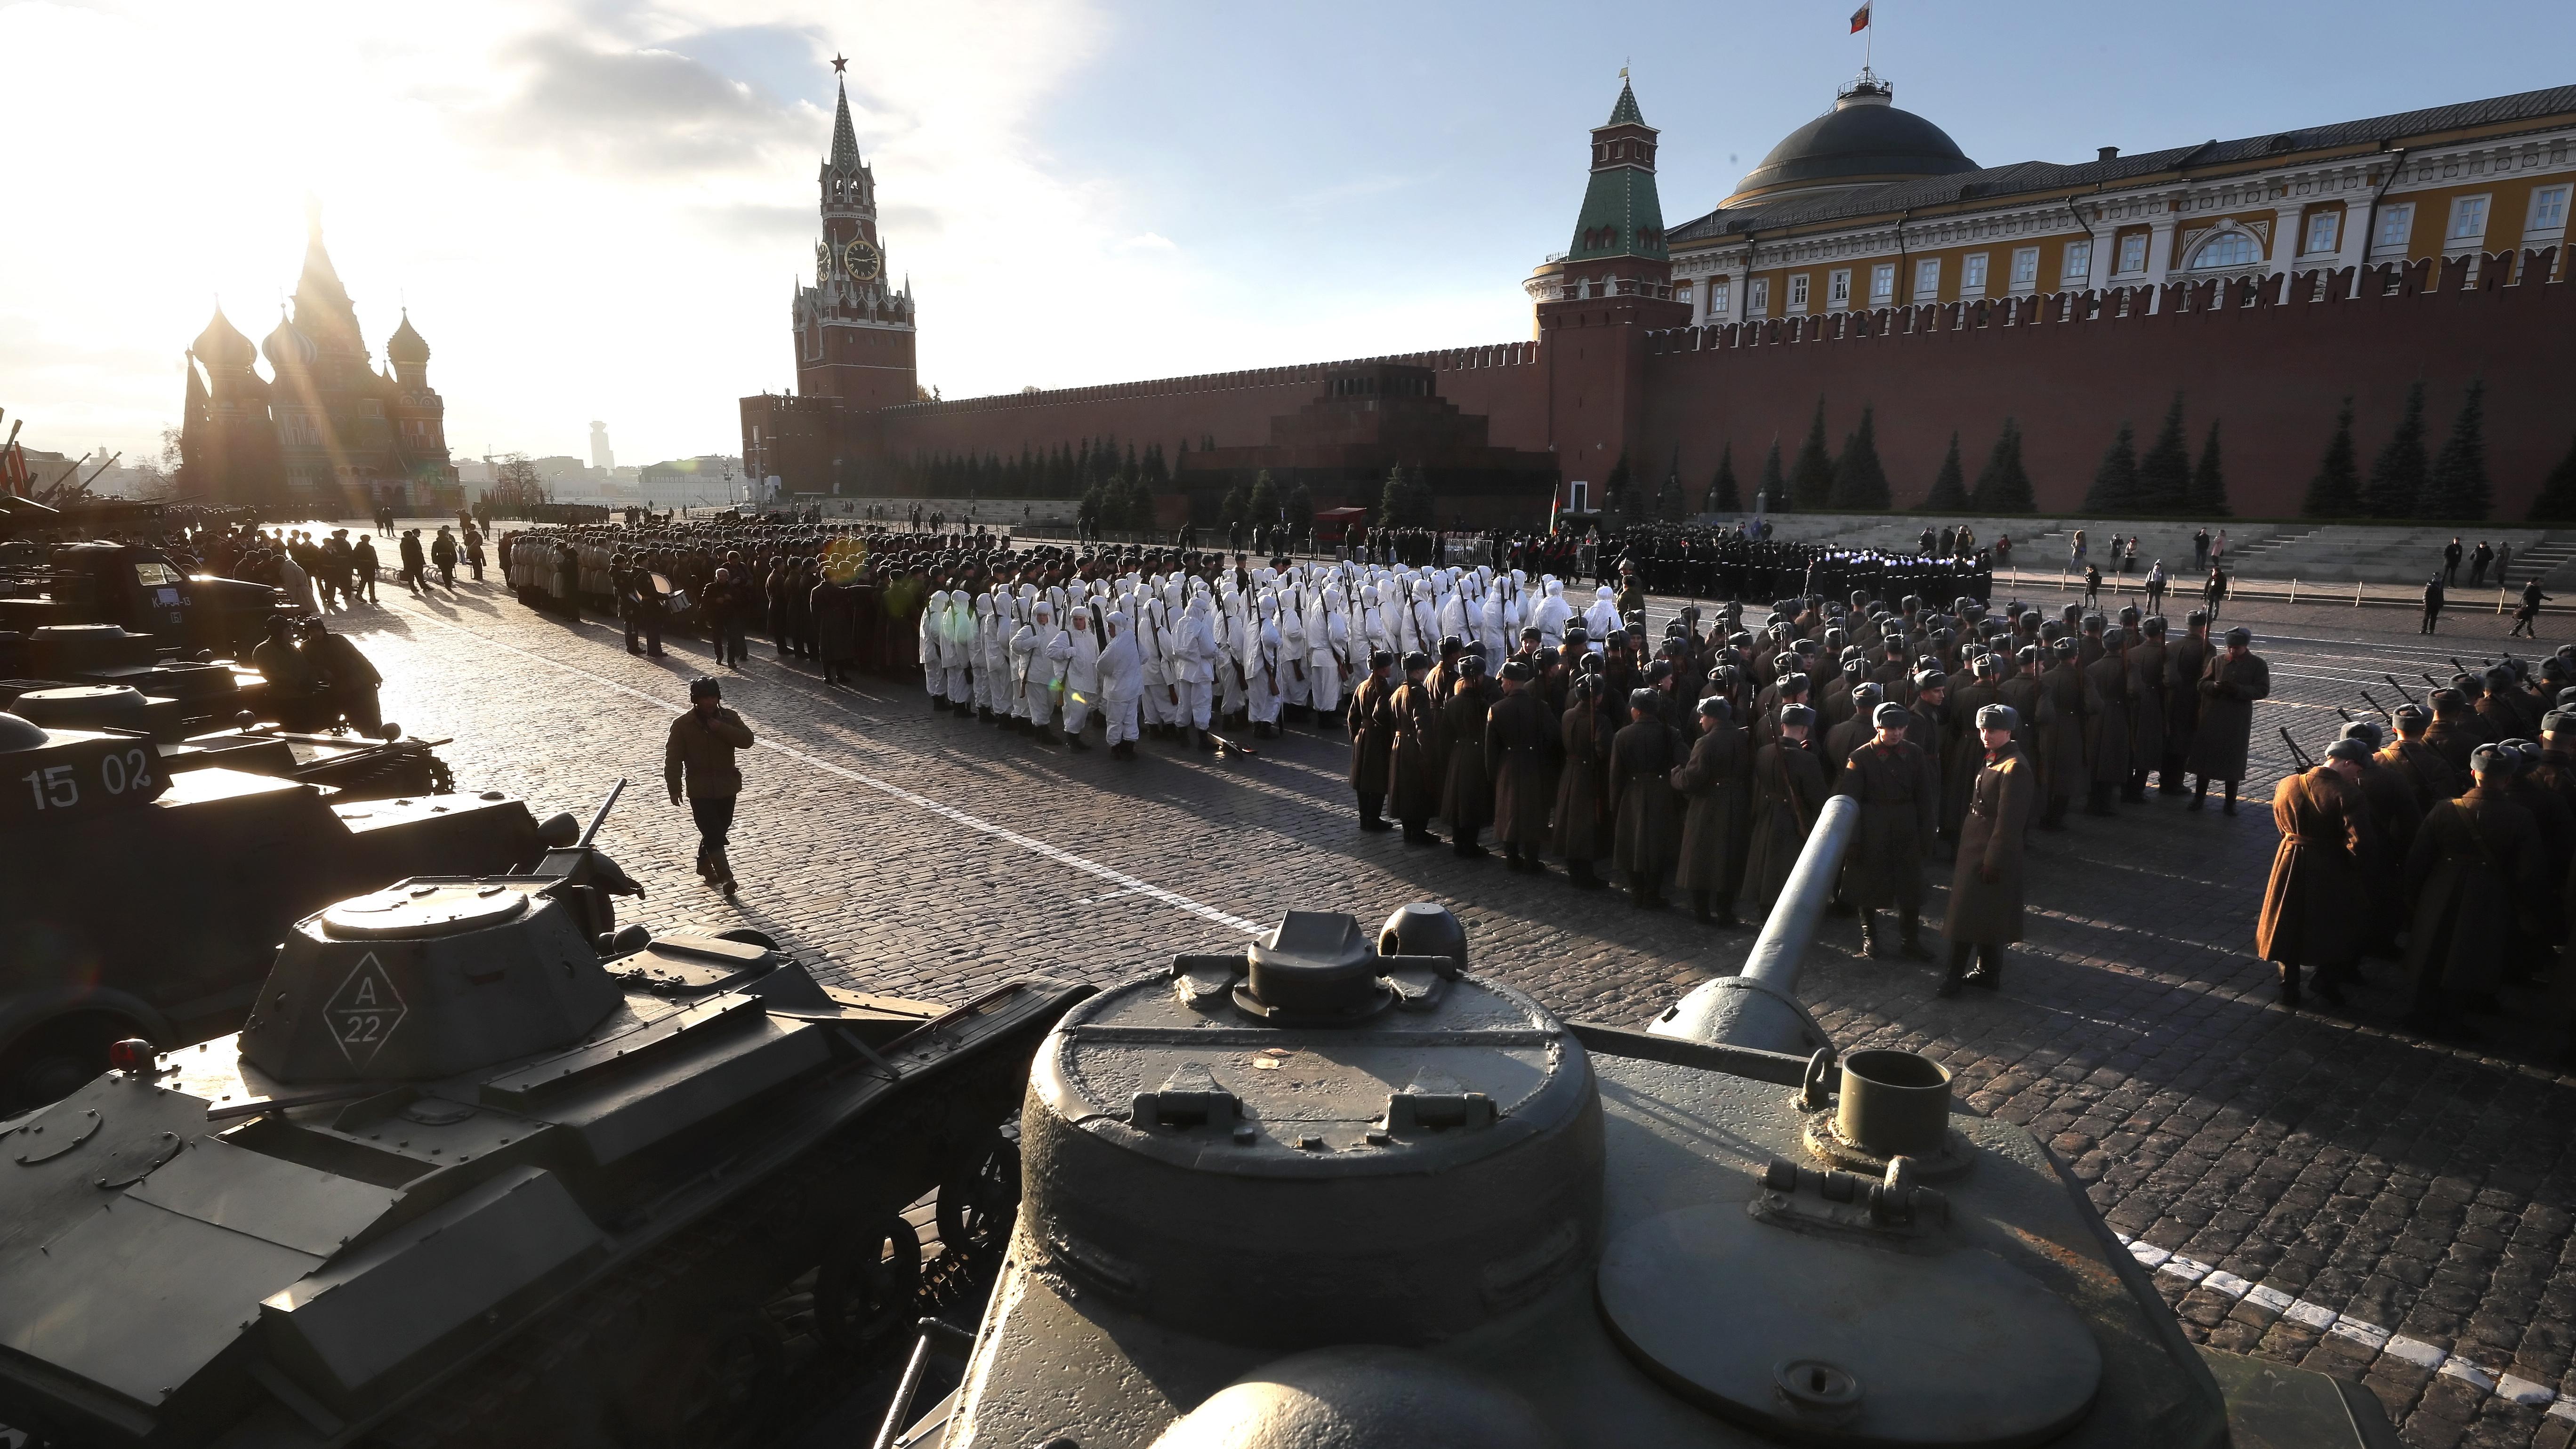 Тогава в деня на така наречената Октомврийска революция от 1917 г. през центъра на руската столица преминават части на Червената армия и се отправят към защитните линии на града, който е почти блокиран от армията на Хитлеристка Германия.